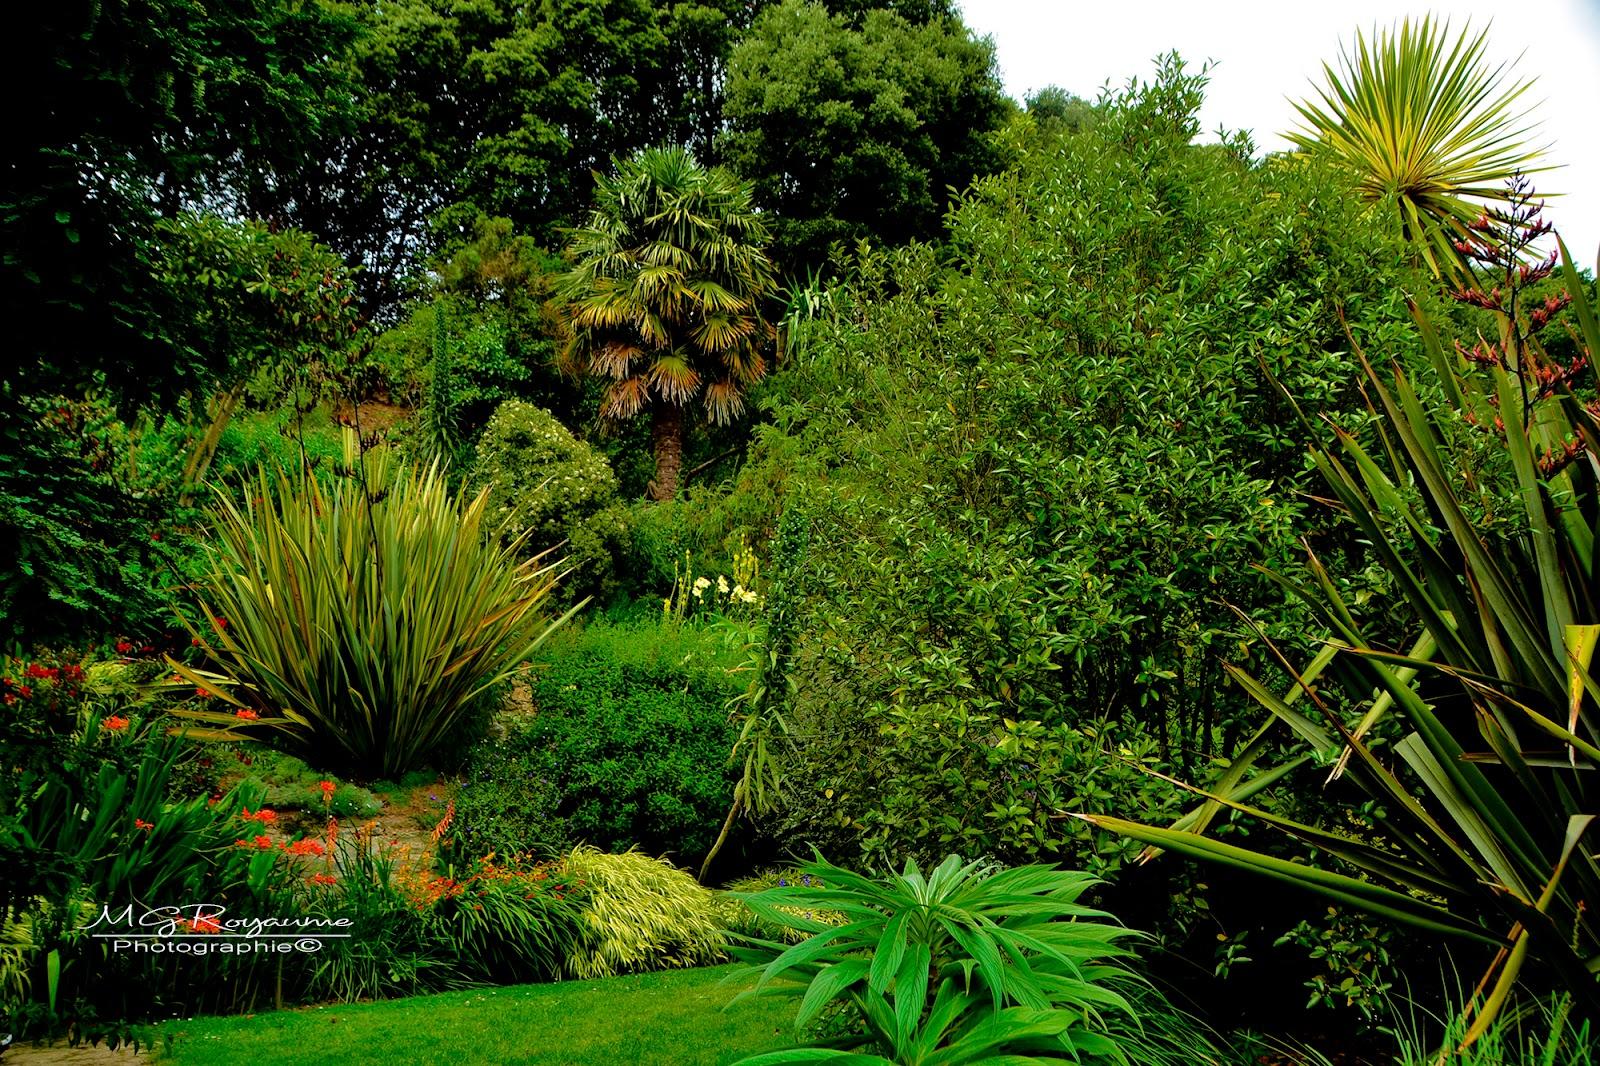 Mg Royaume Photos Le Jardin D Eden Kerdalo Dans Les Cotes D